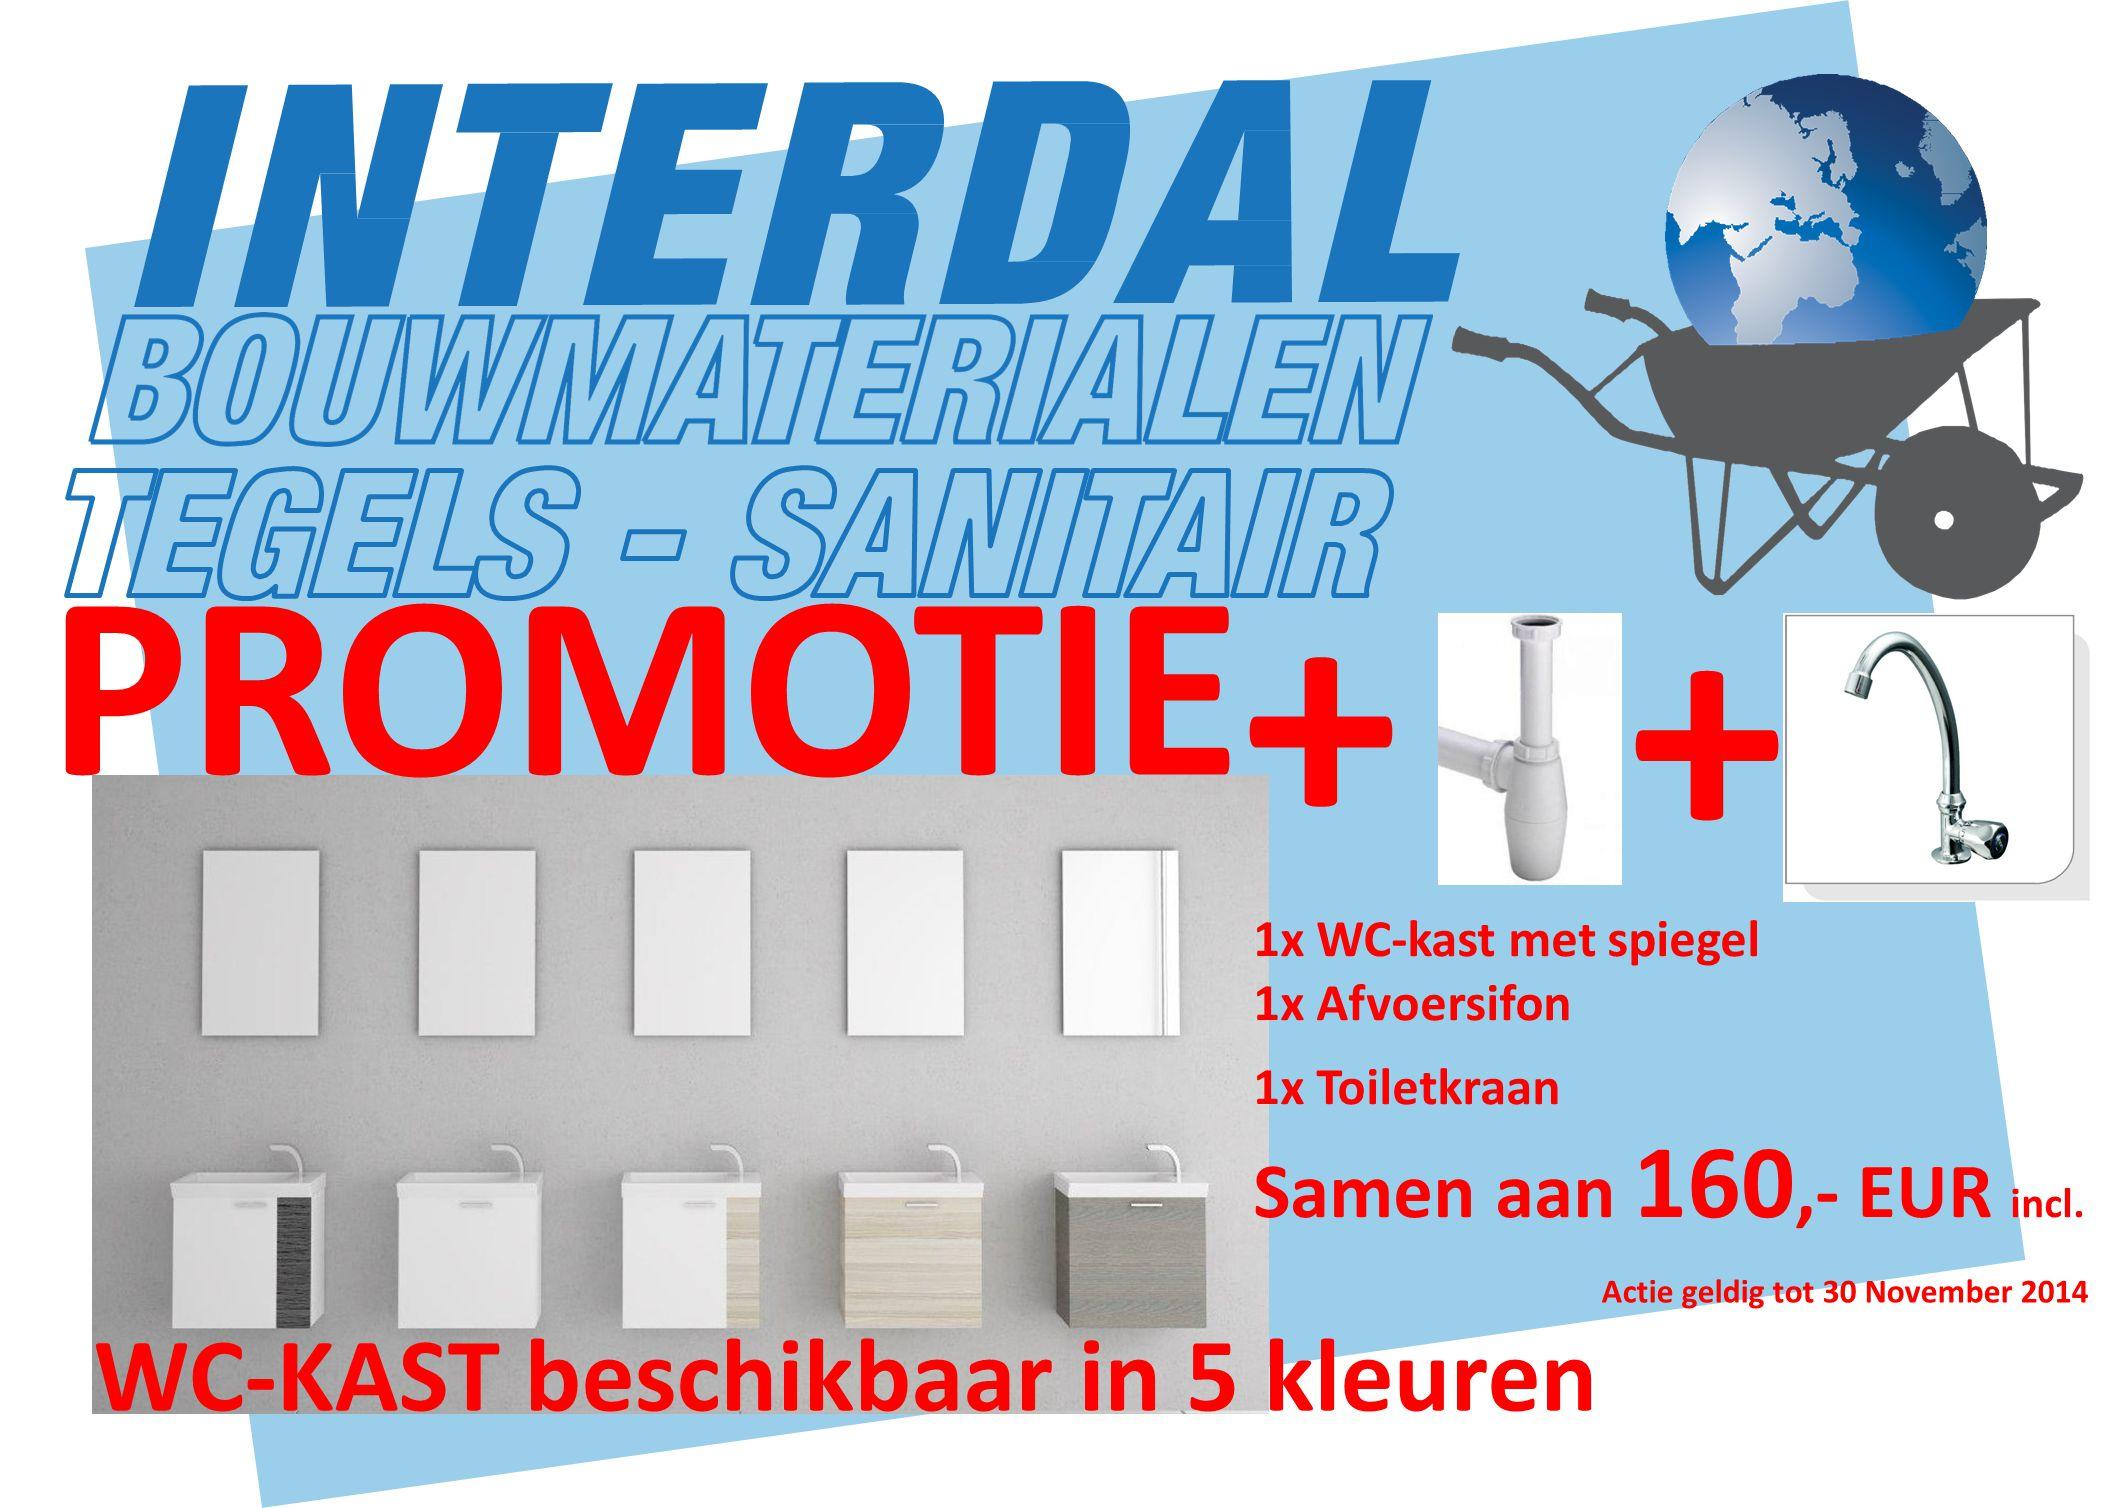 + PROMOTIE + Actie geldig tot 30 November 2014 WC-KAST beschikbaar in 5 kleuren 1x WC-kast met spiegel 1x Afvoersifon 1x Toiletkraan Samen aan 160,- EUR incl.